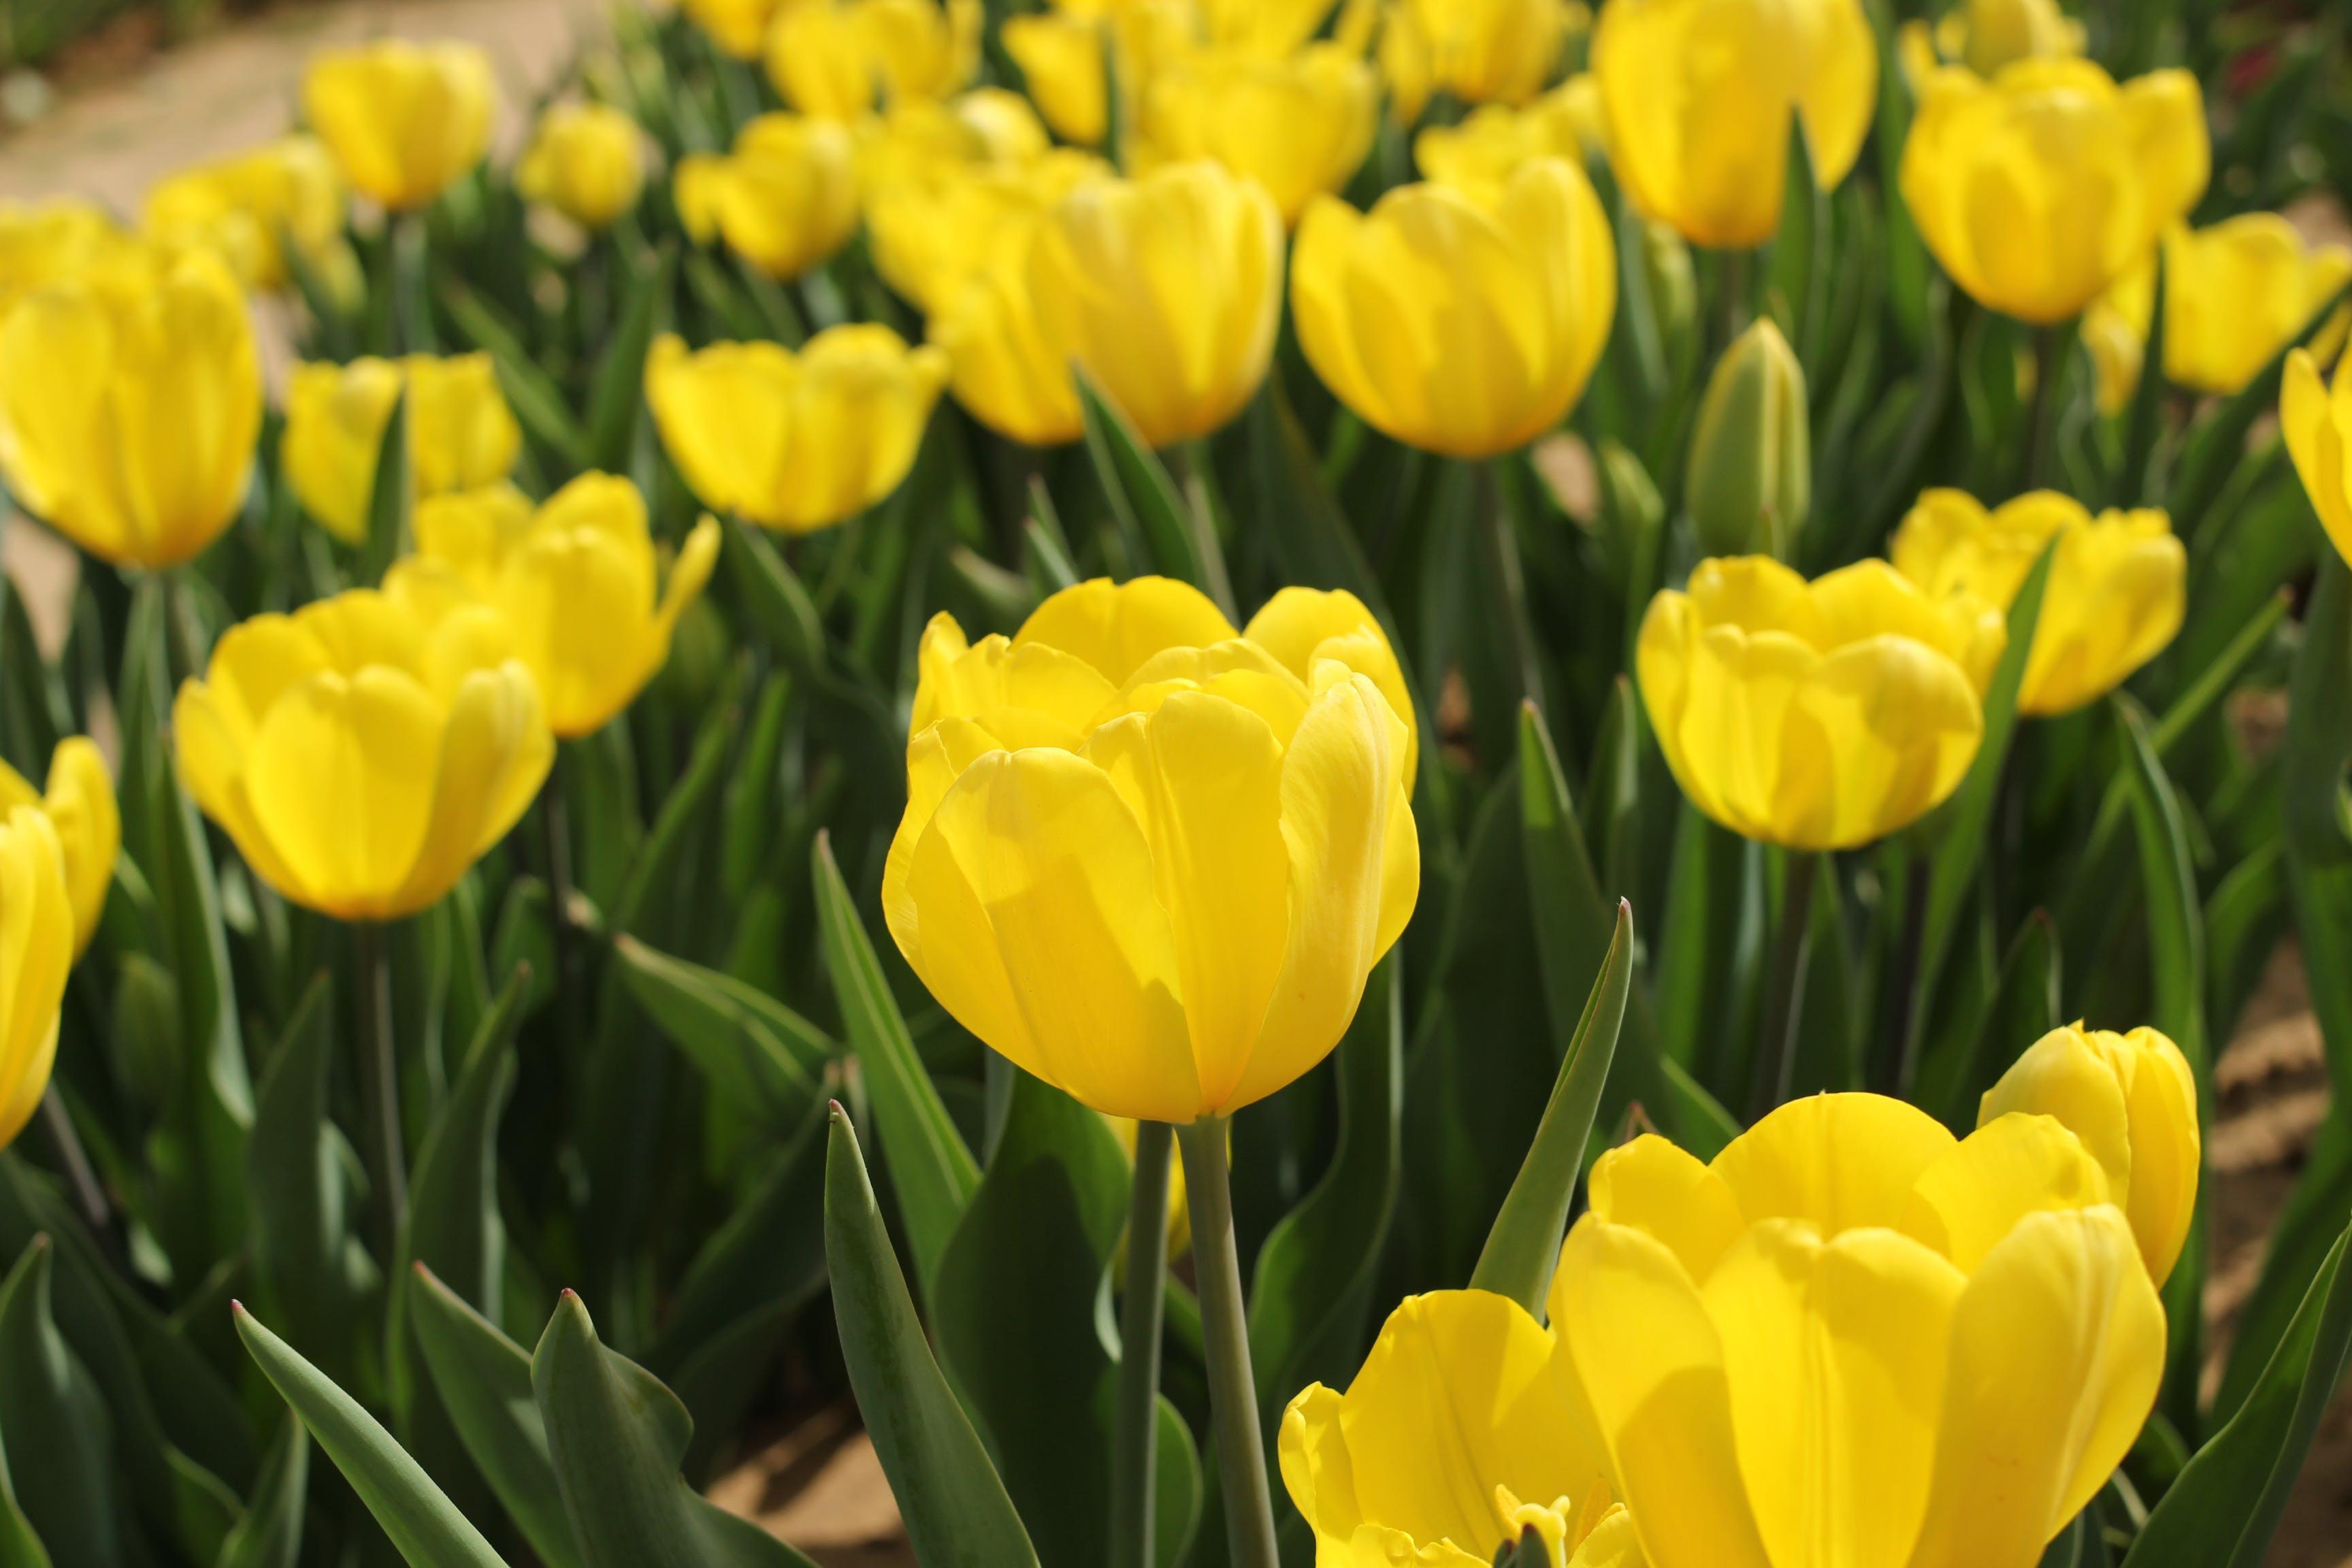 Gratis stockfoto met bloemen in de lente, gele bloem, gele bloemen, gele tulp